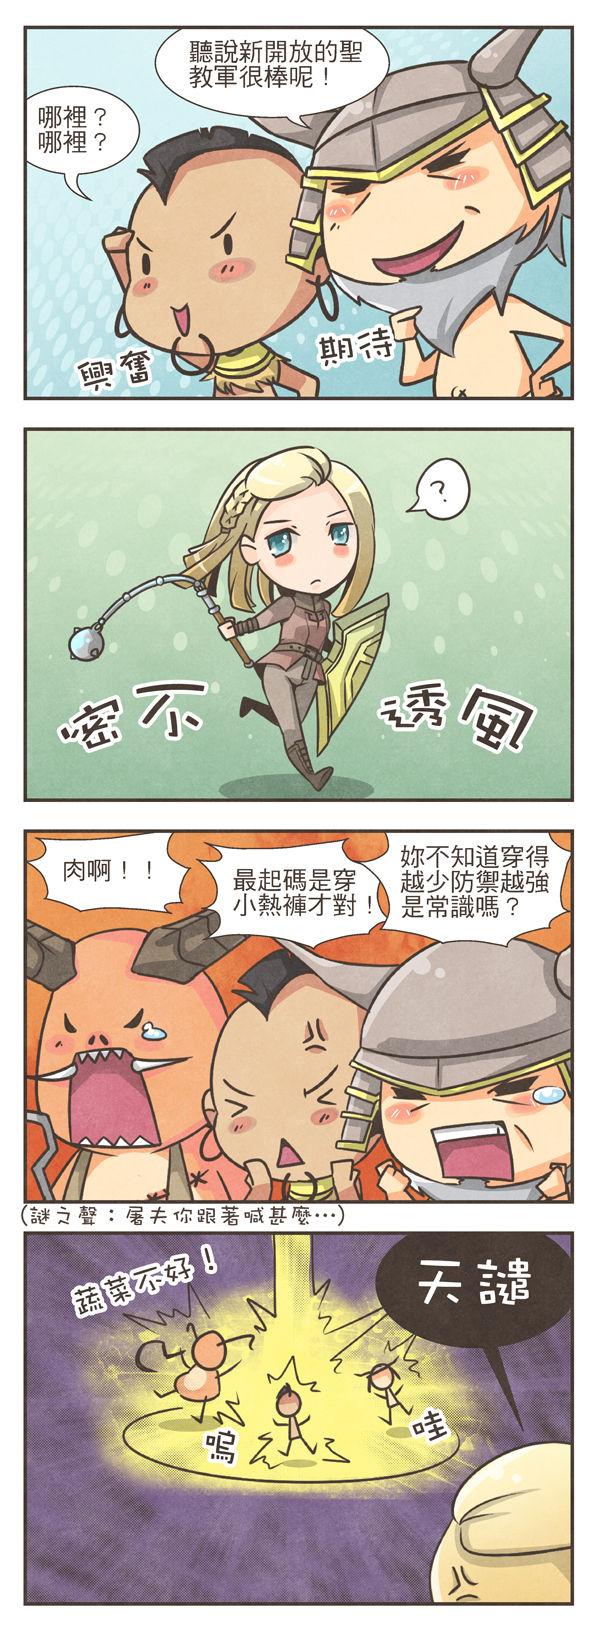 玩家作品:�}慈的暗黑3格子漫画